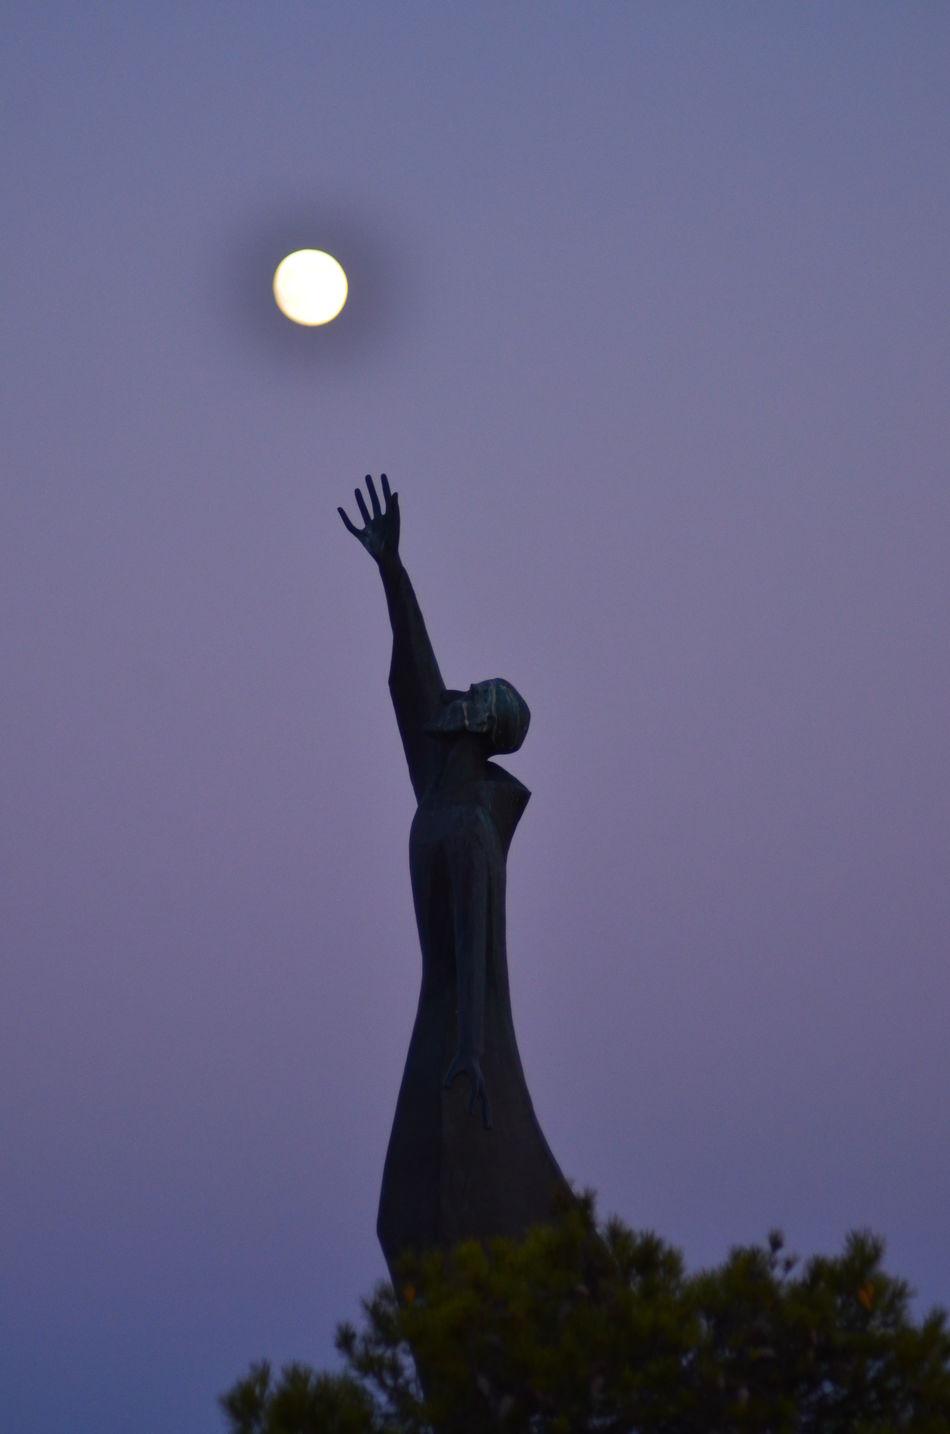 Cagliari Urban City Cagliari, Sardinia City Of Cagliari Moon Saint Francis And The Moon Saint Francis Of Assisi Saint Francis Statue Sardegna Viale Europa Viale Europa Caglia